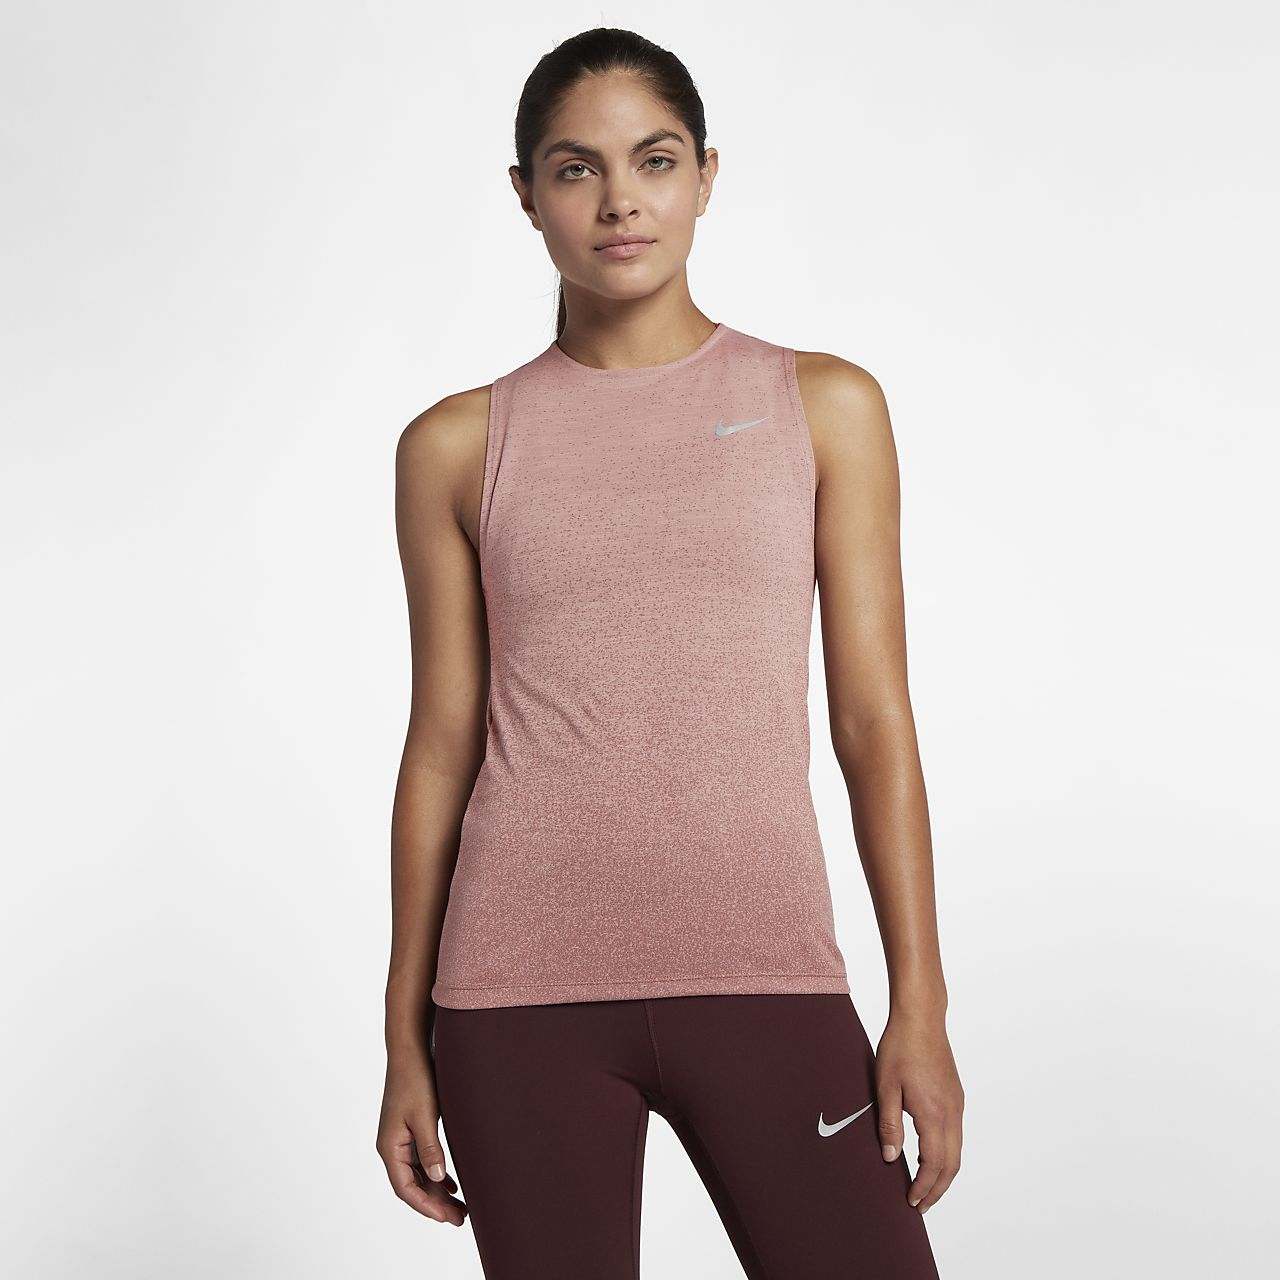 Женская беговая майка Nike Medalist